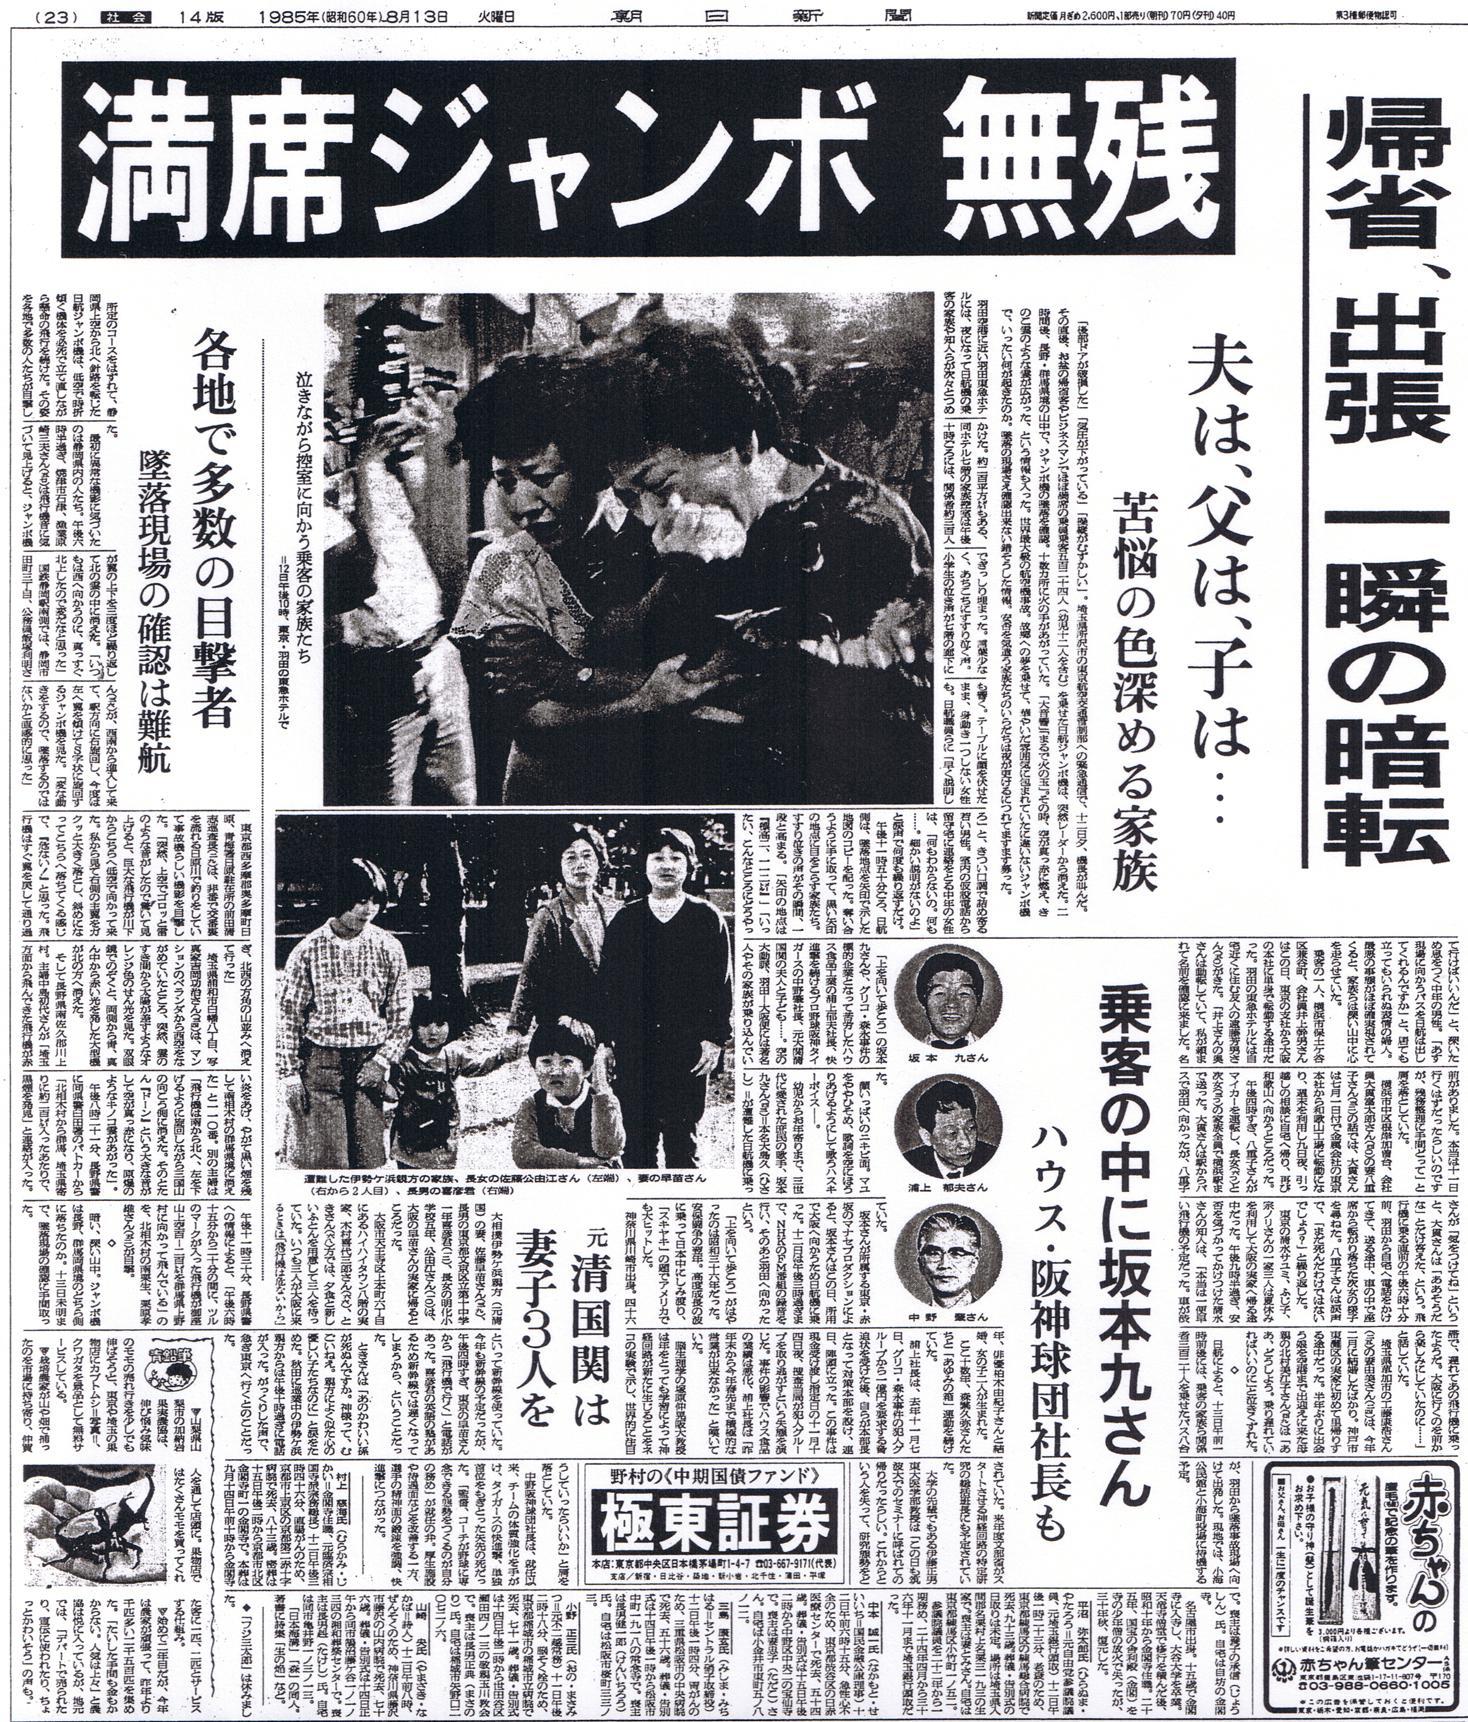 日本 航空 123 便 墜落 事故 真相 【都市伝説】日本航空123便墜落事故はただの事故ではない可能性。隠さ...